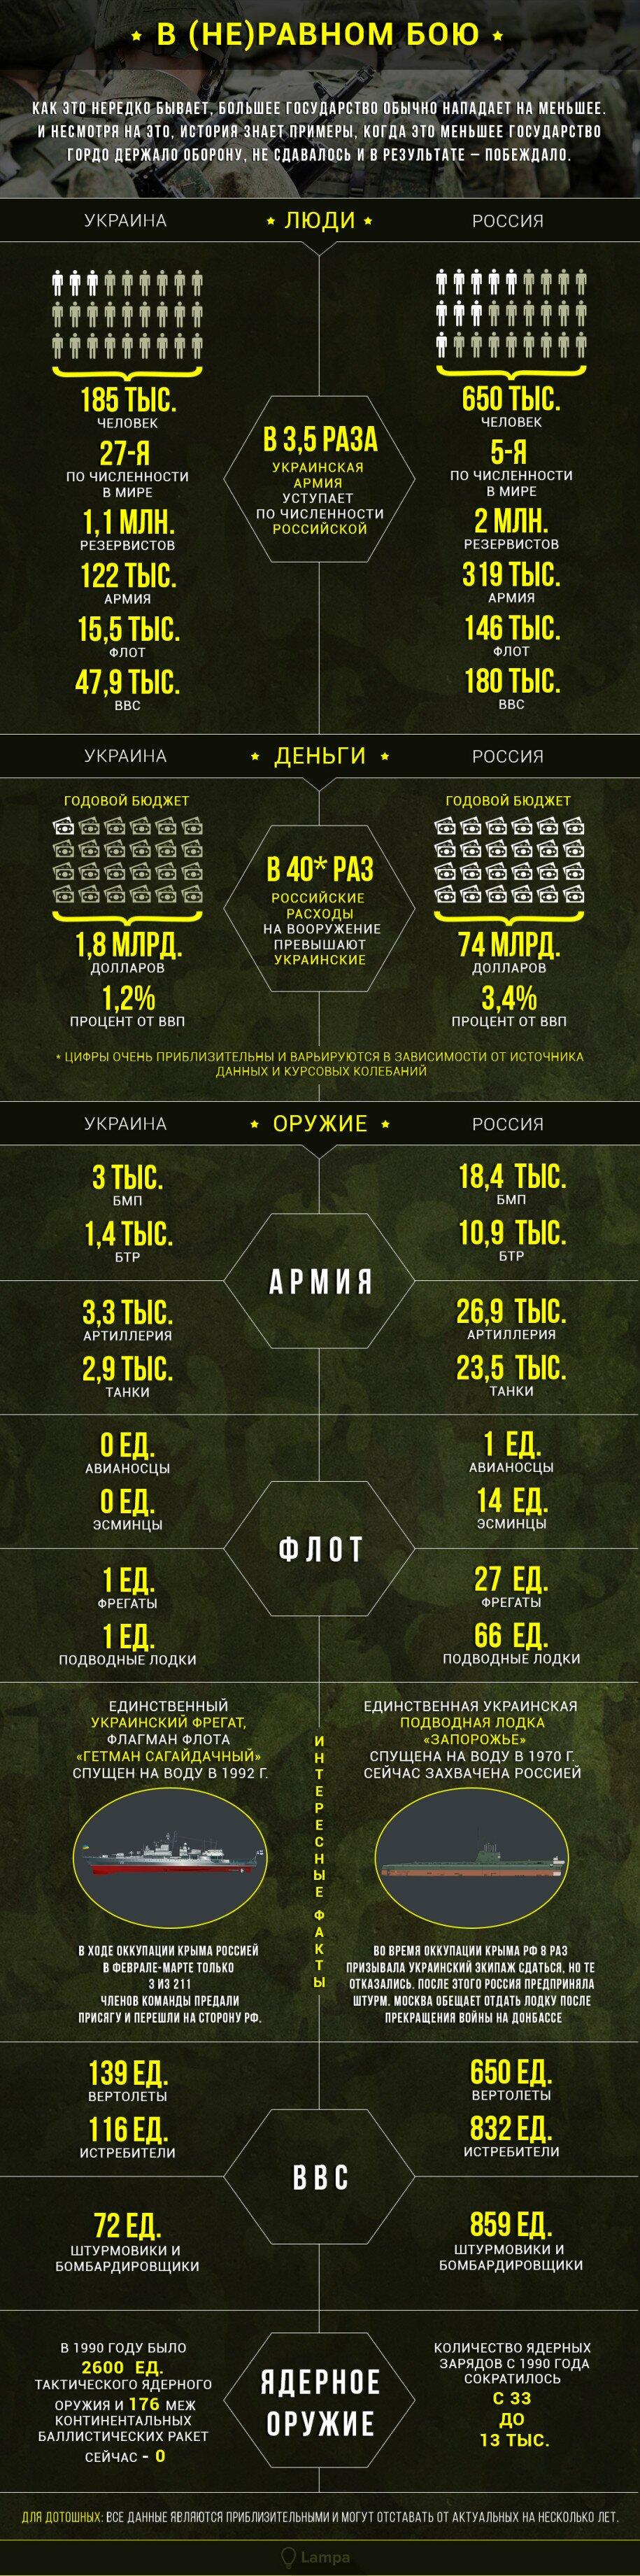 Infografika-19-chast-2-web1-e1409742533443